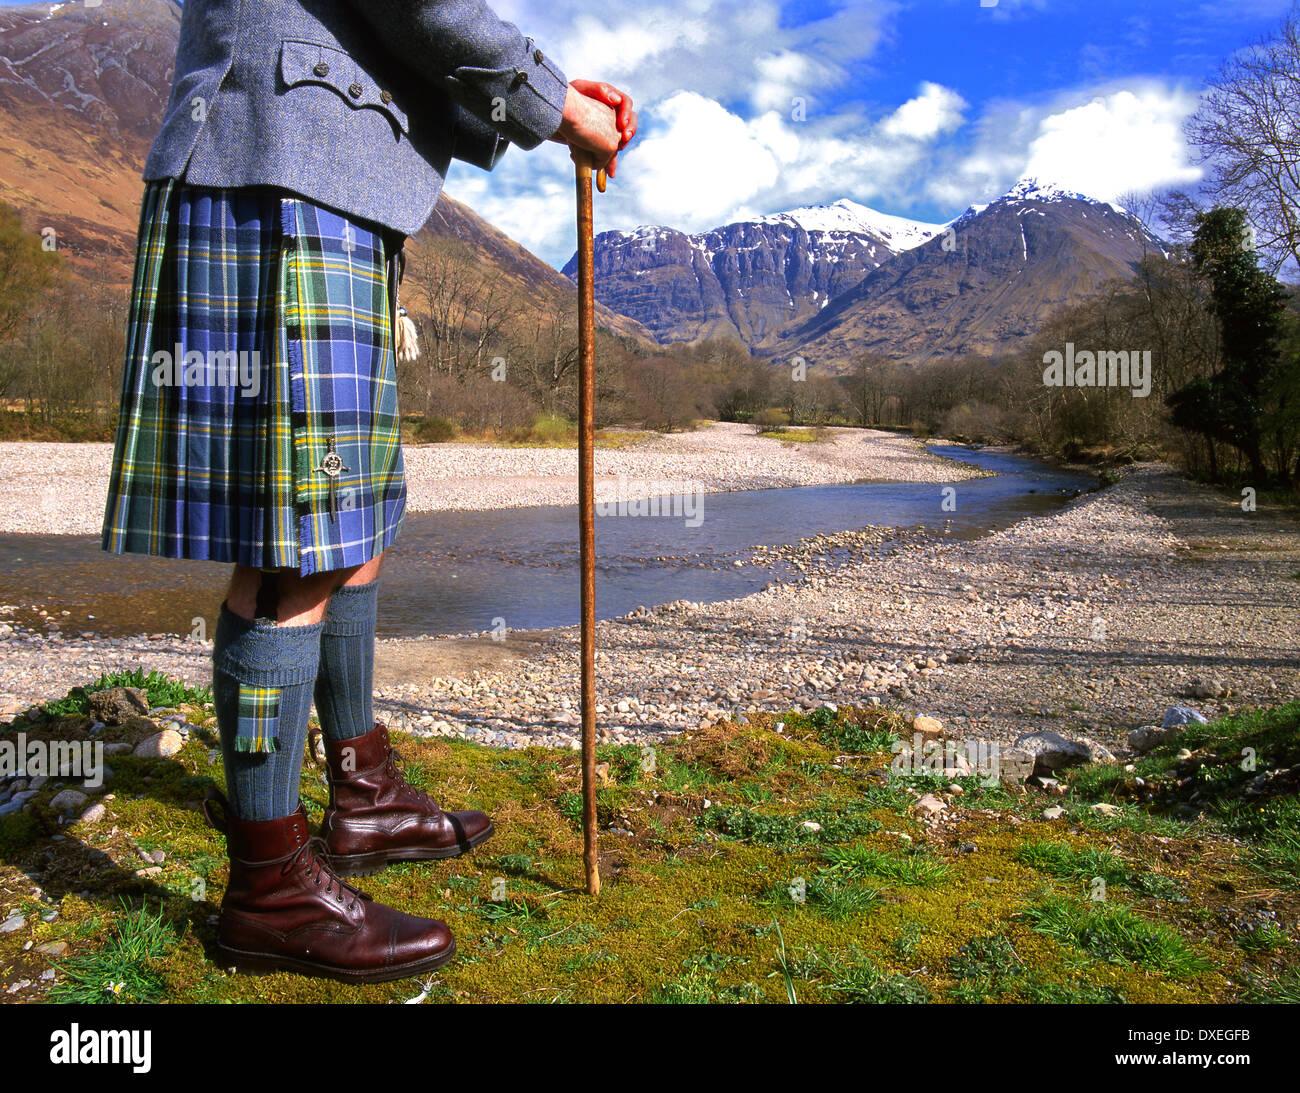 Tartan clad highlander admires the splendour of Glencoe,  West Highlands. - Stock Image